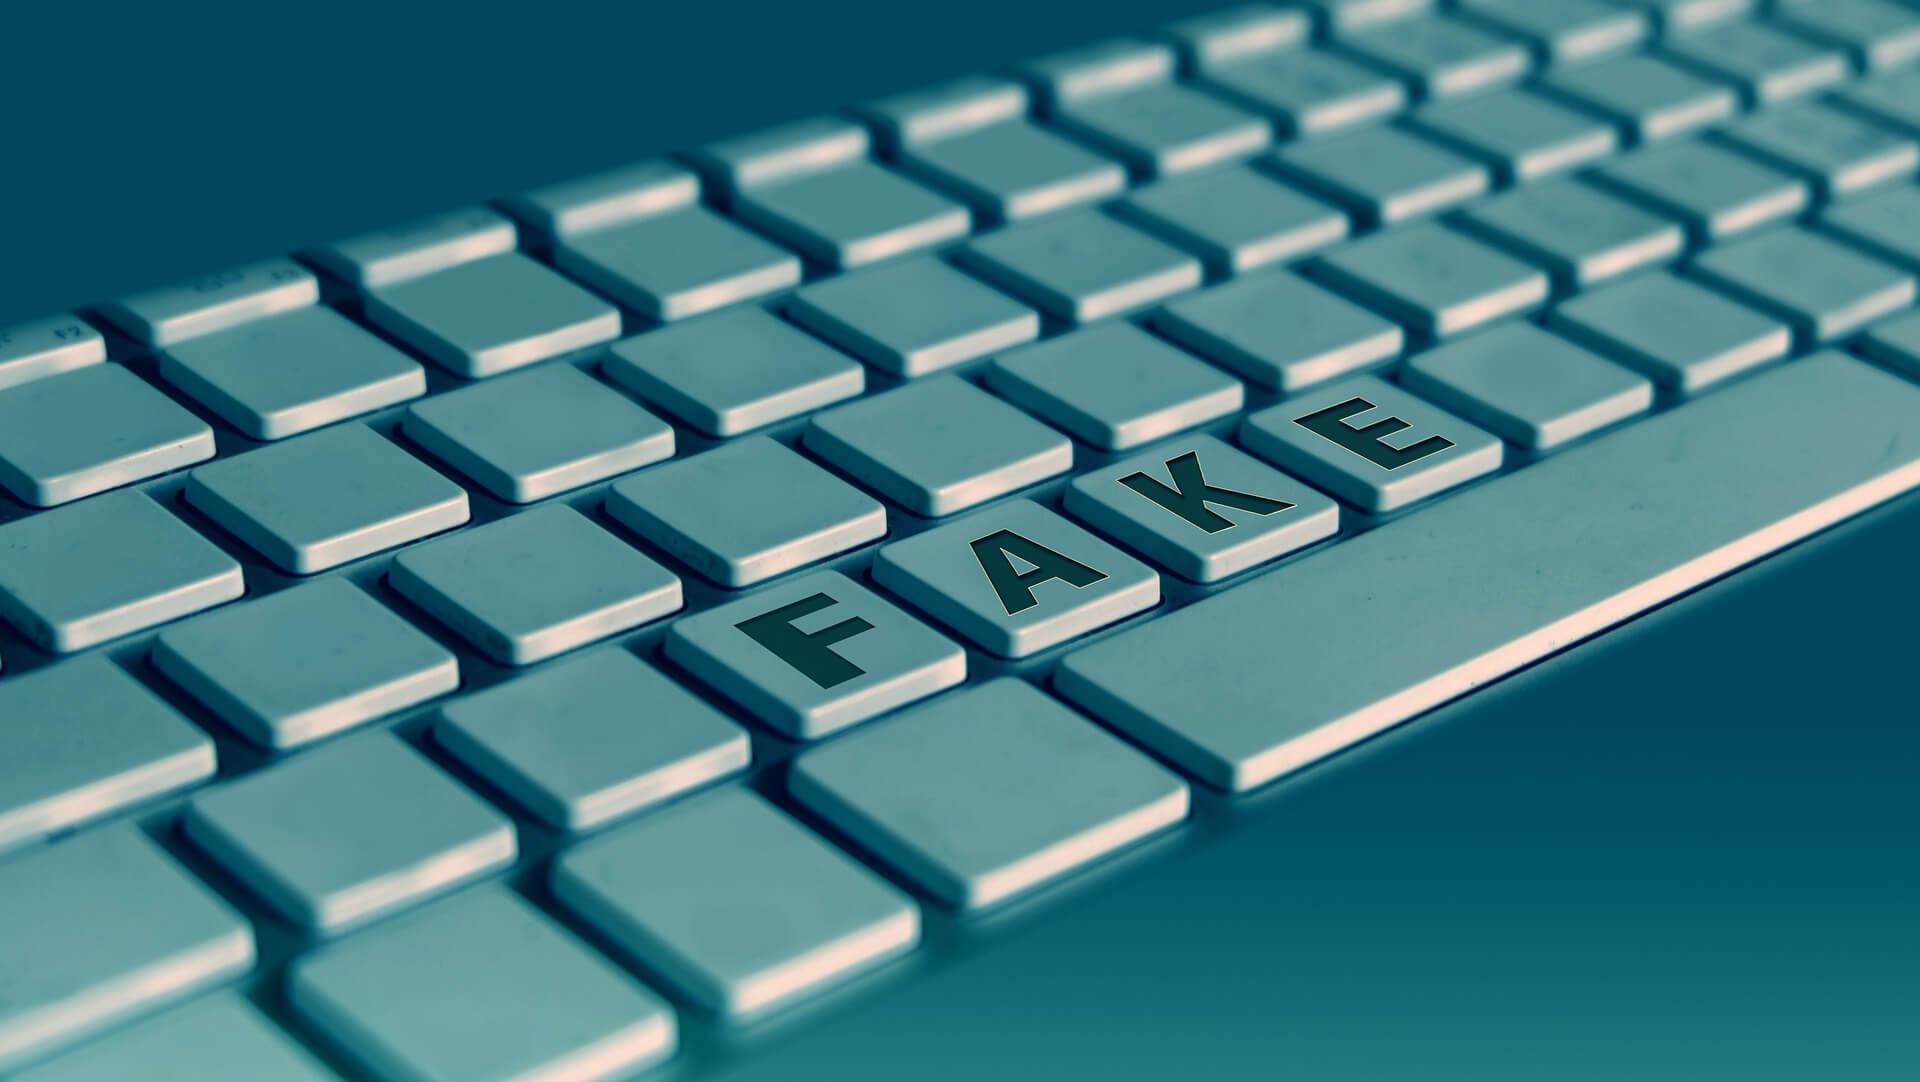 Perfil falso - arte de um teclado com a palavra fake escrita